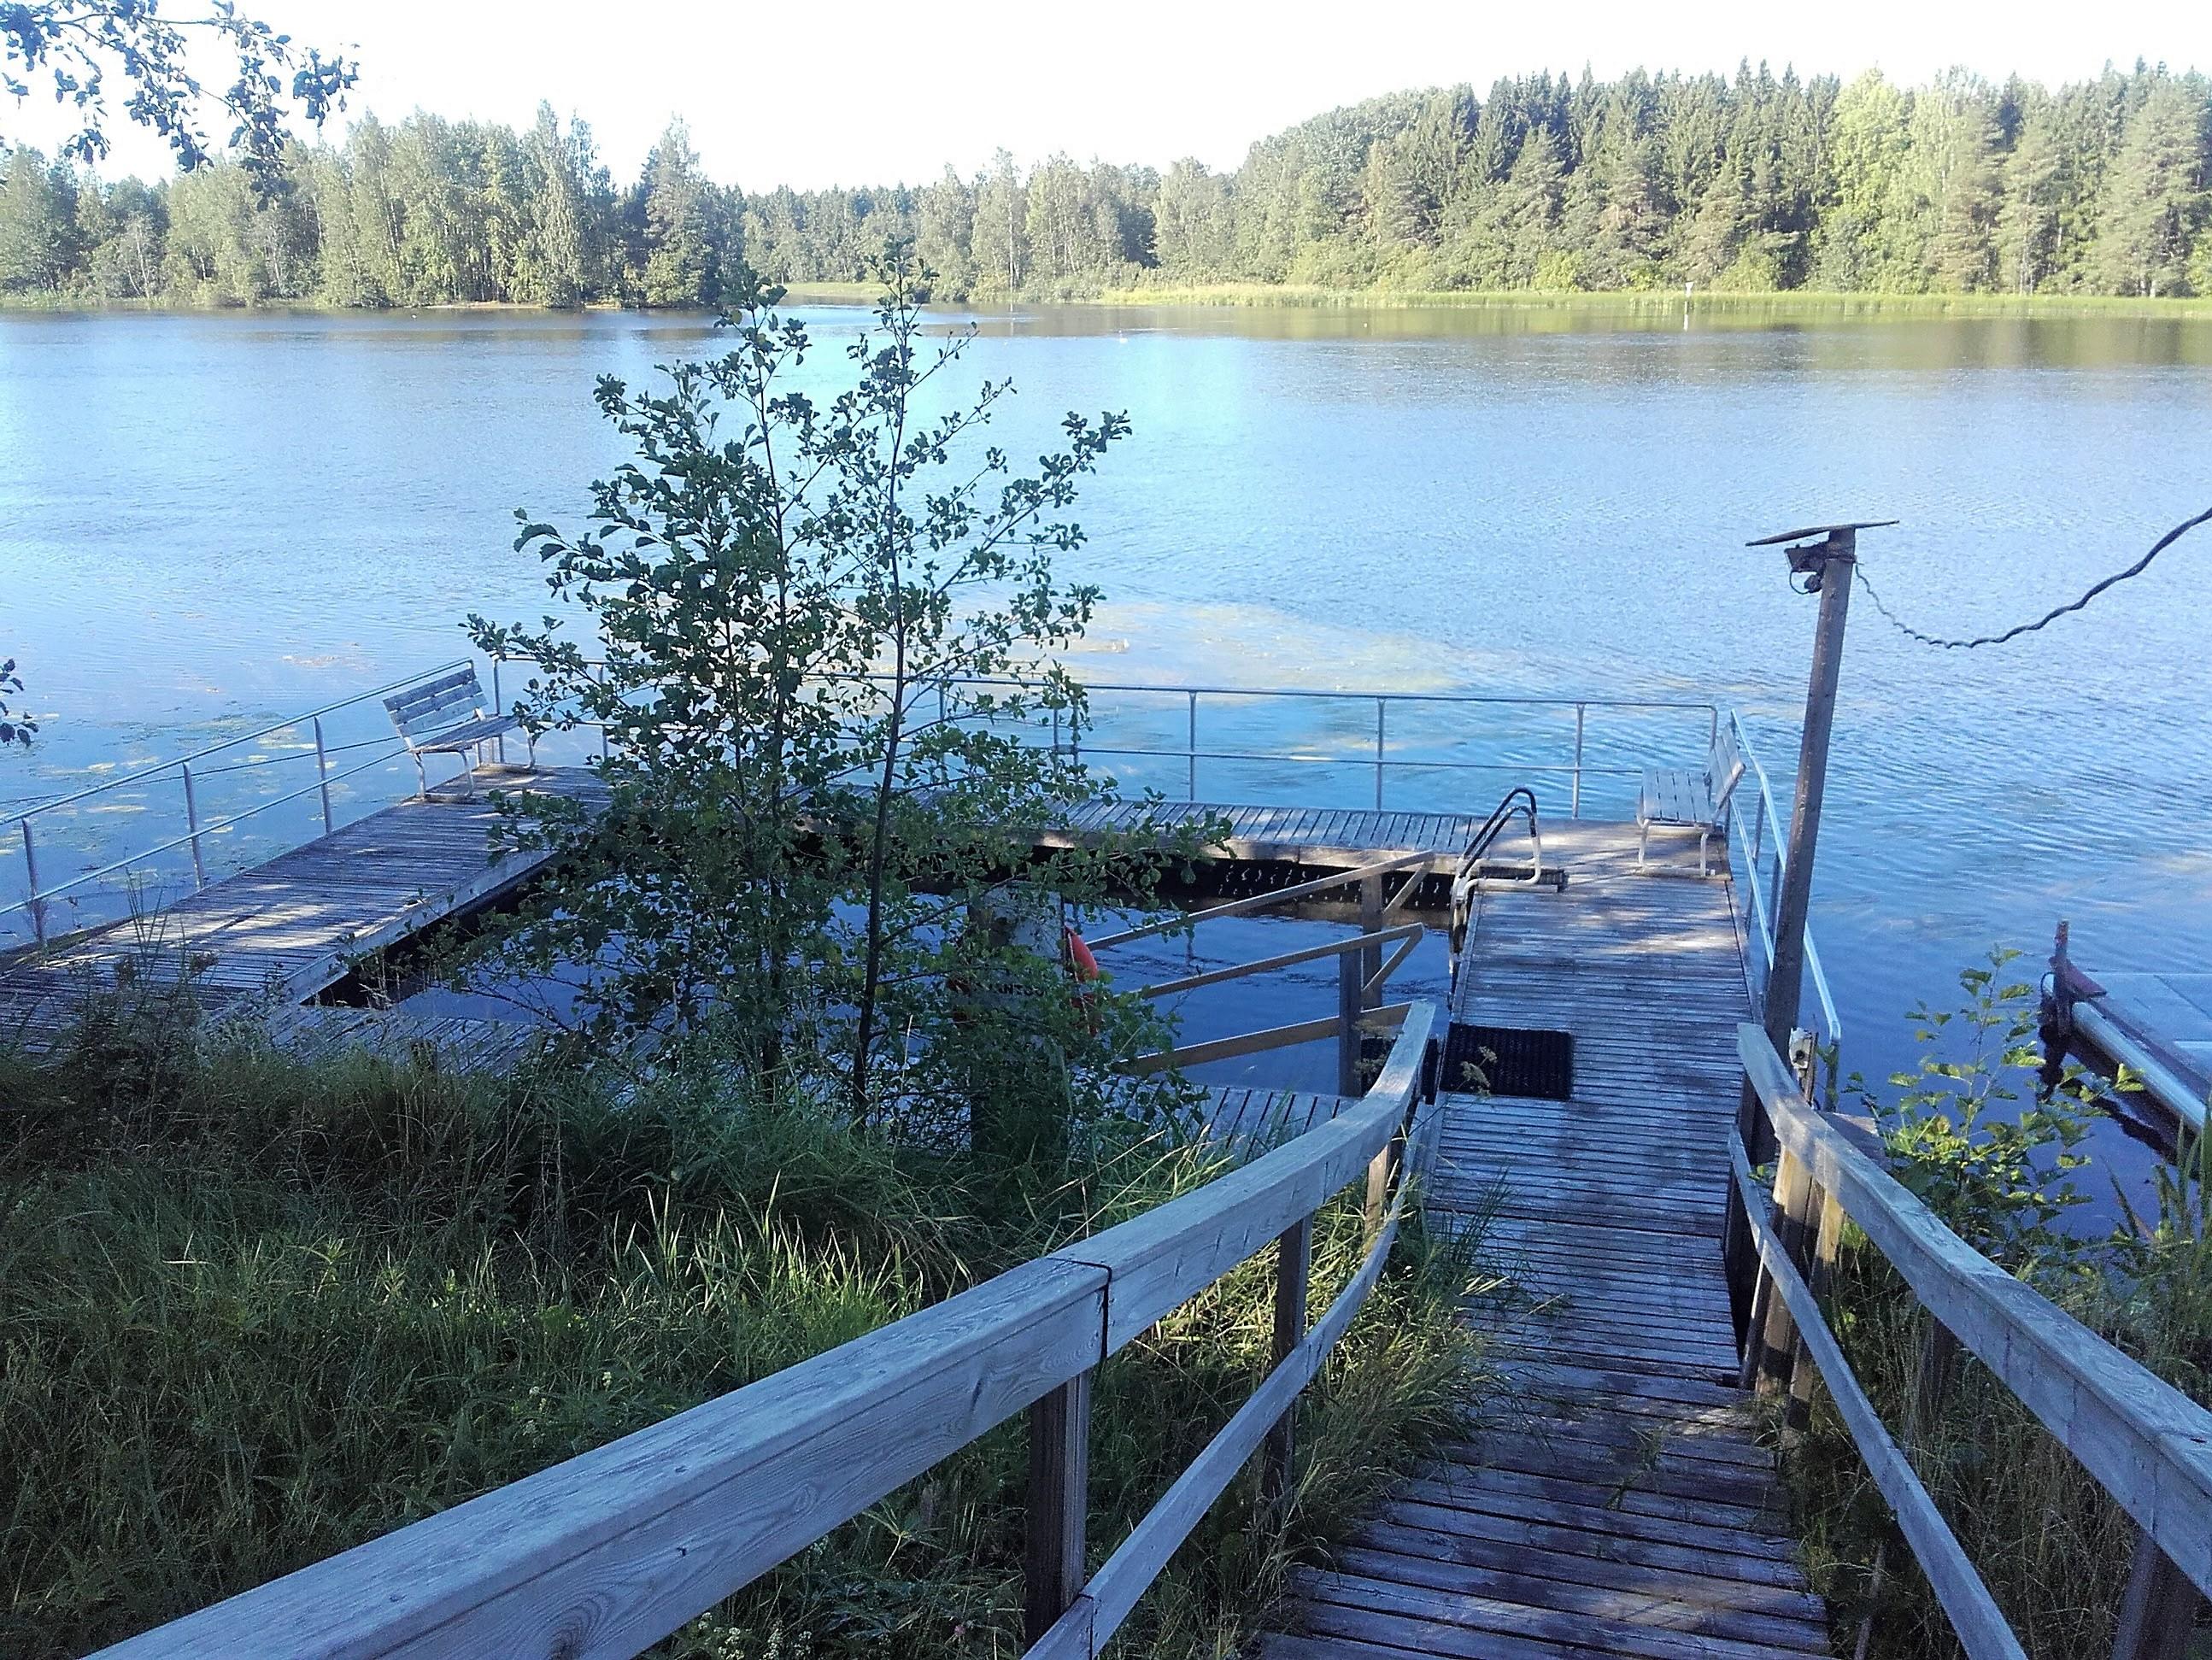 Kymijoen vesistökeskus. Laituri rakennettu neilönmuotoon jolloin keskelle jää rajattu uima-alue.